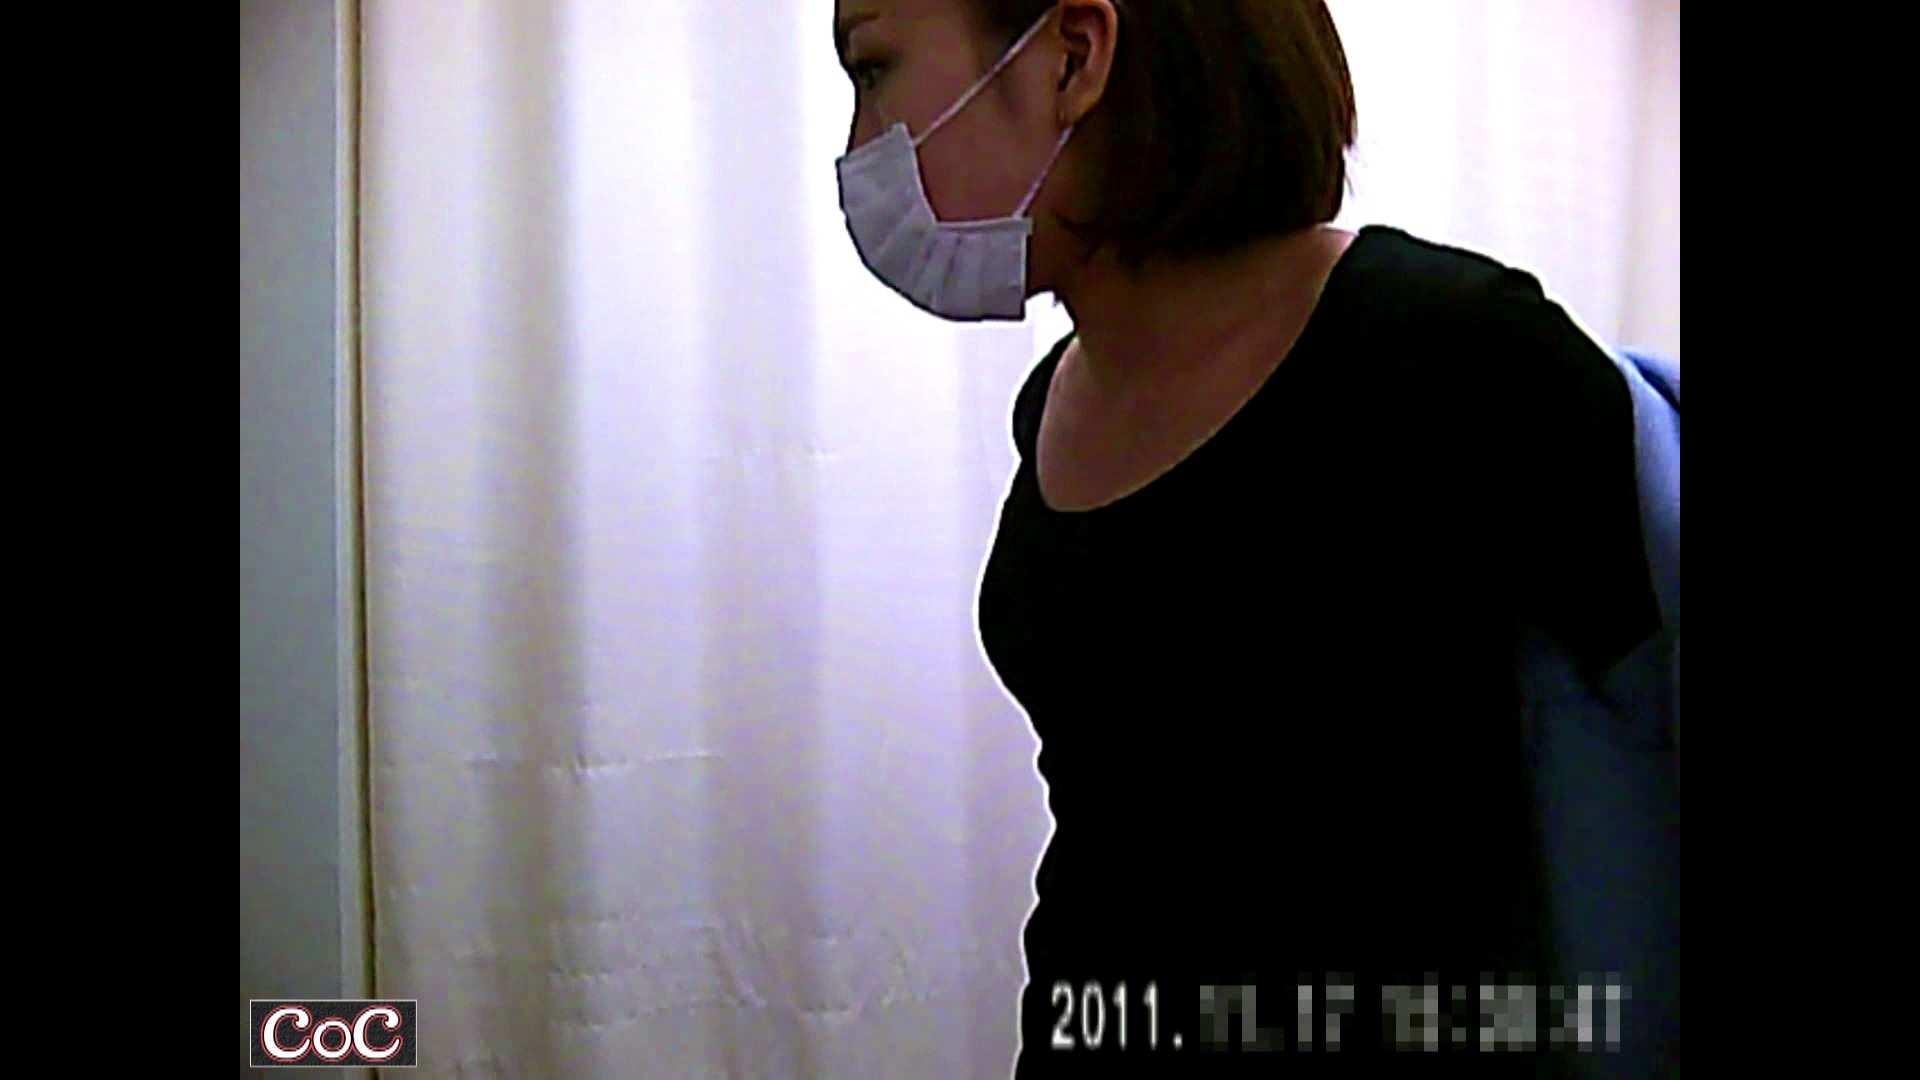 エッチ 熟女|元医者による反抗 更衣室地獄絵巻 vol.200|怪盗ジョーカー